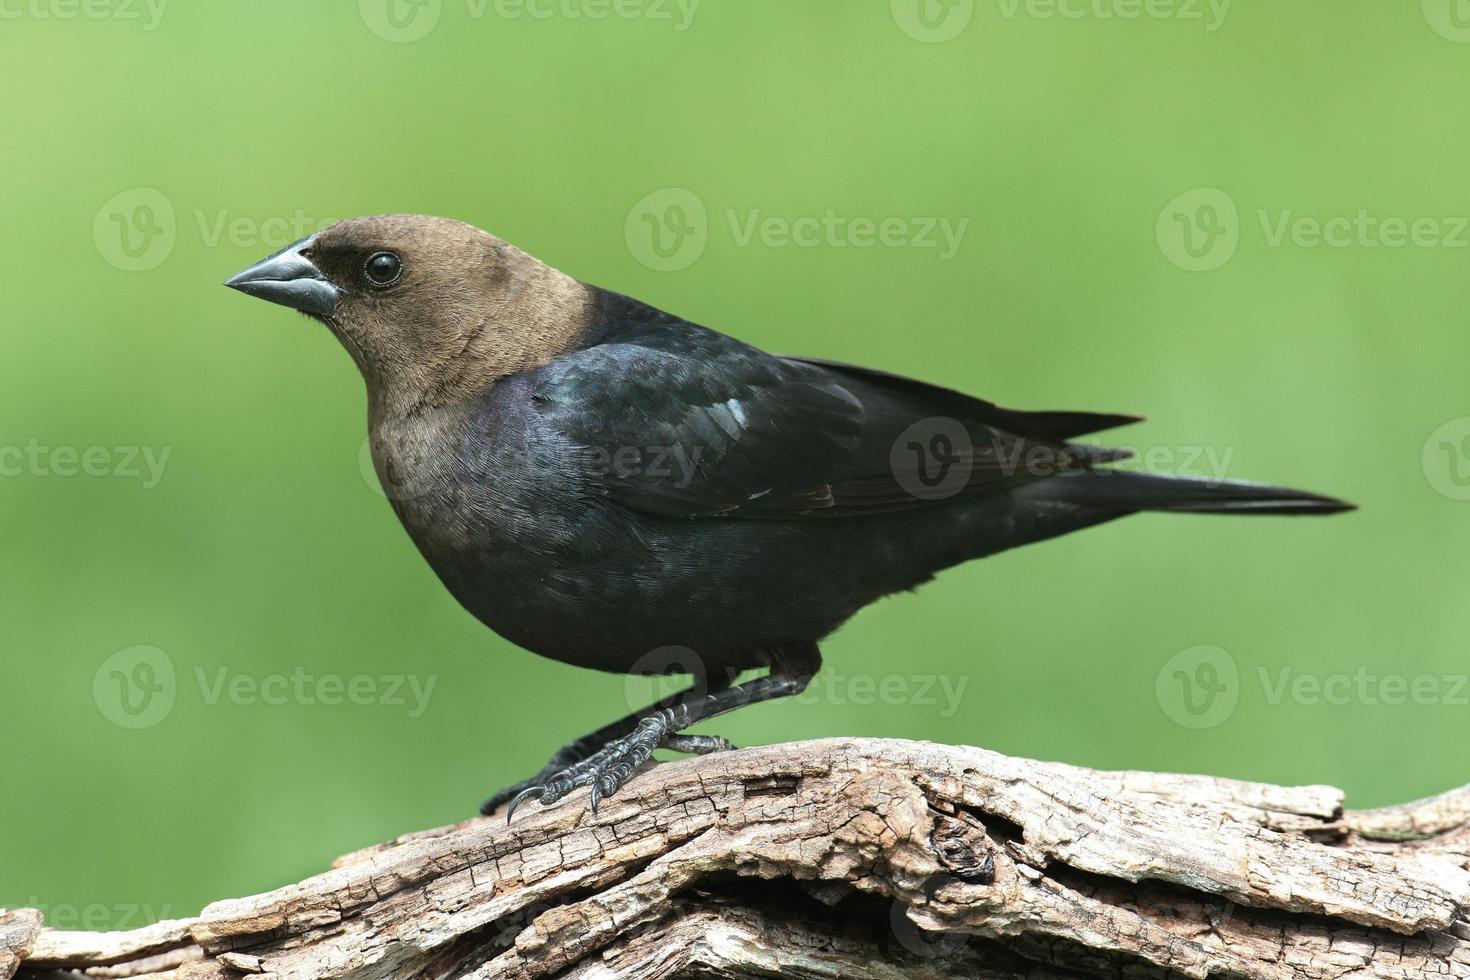 Male Cowbird On A Perch photo